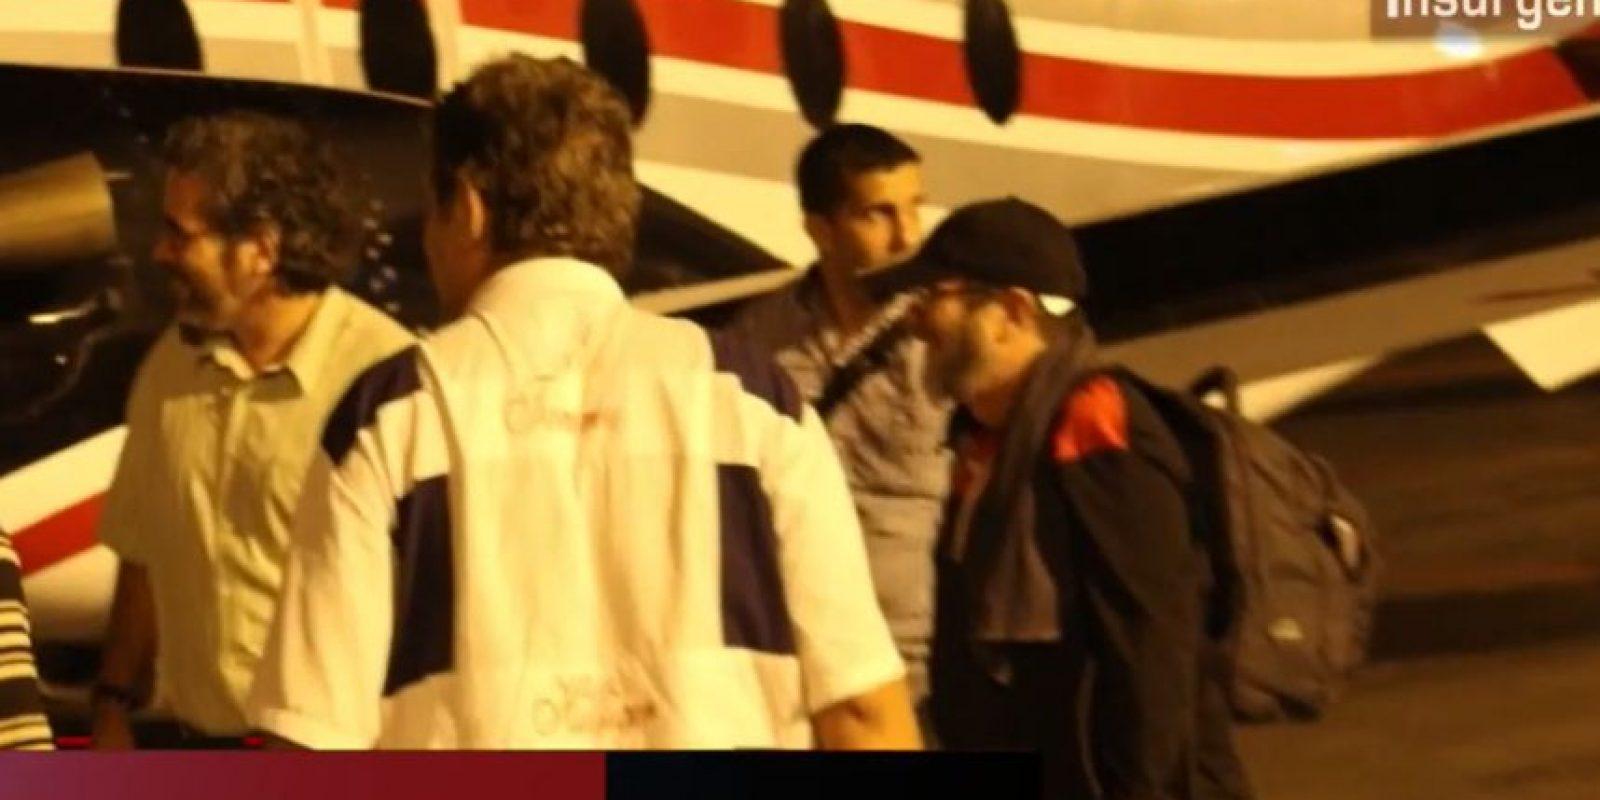 """Estas fueron las imágenes difundidas de la llegada de """"Timochenko"""" a La Habana. Foto:Captura de pantalla PublimetroTV"""